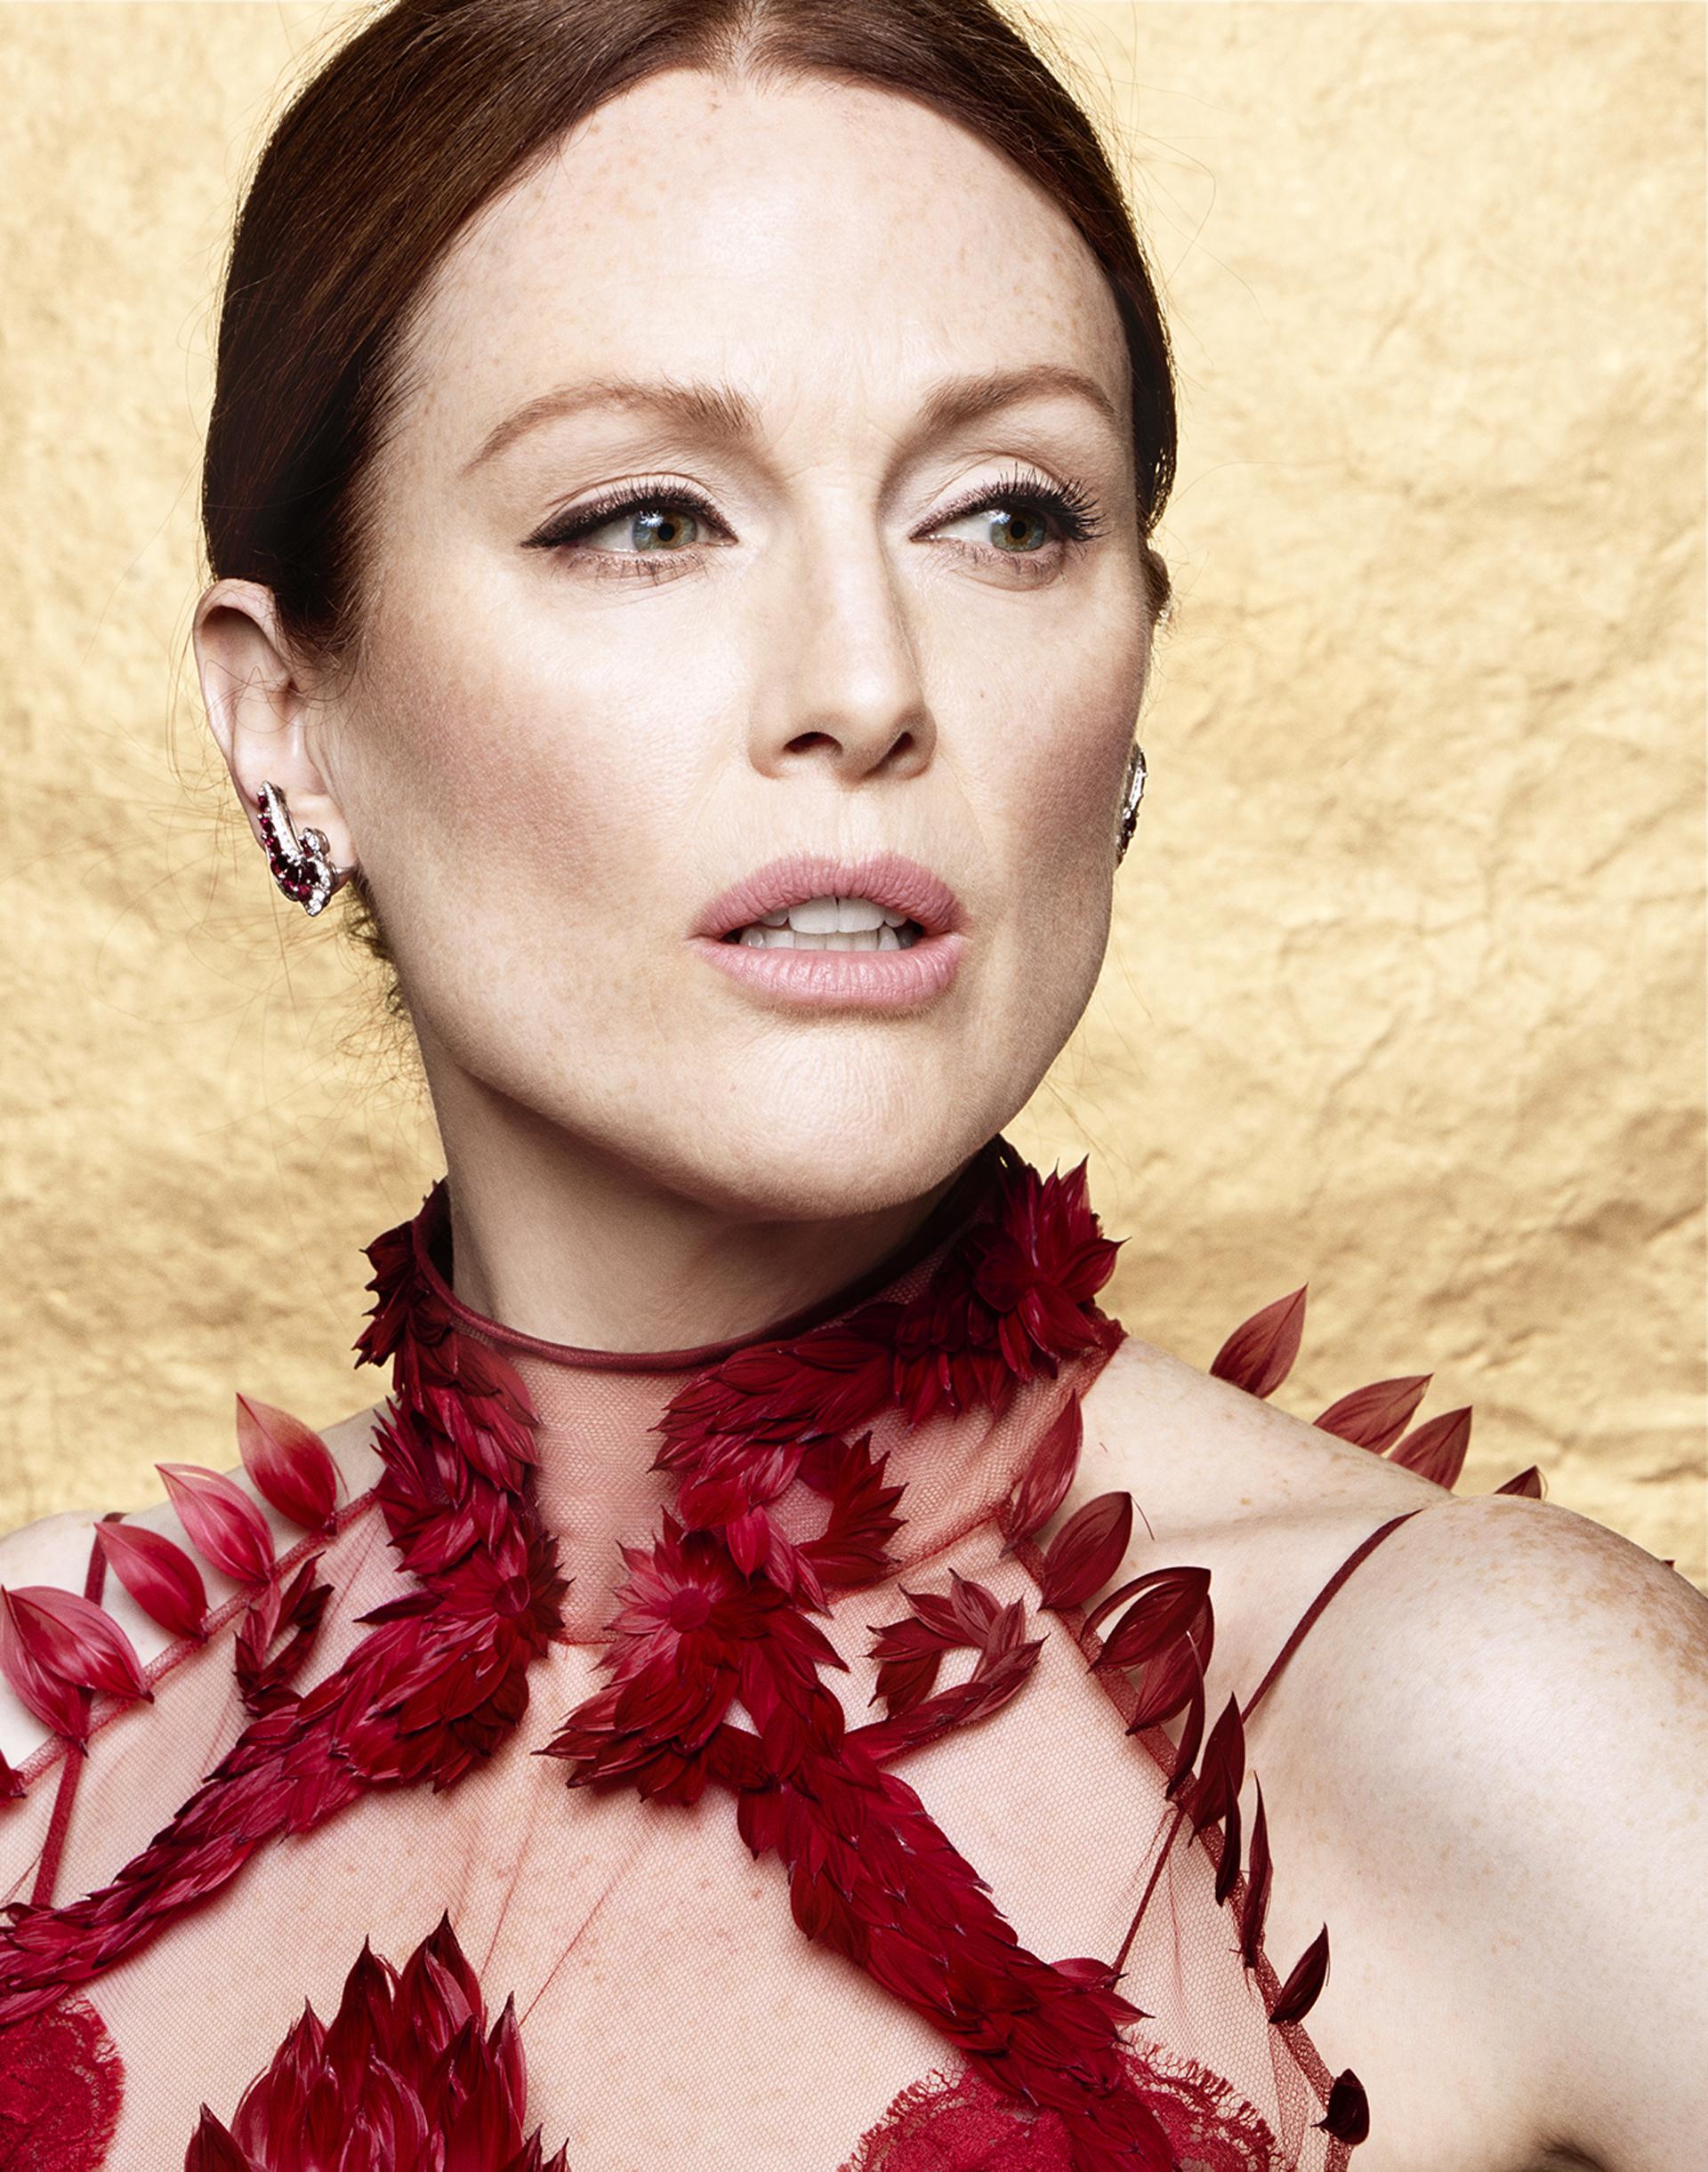 Julianne Moore imponiendo tendencias de belleza en el Festival de Cannes